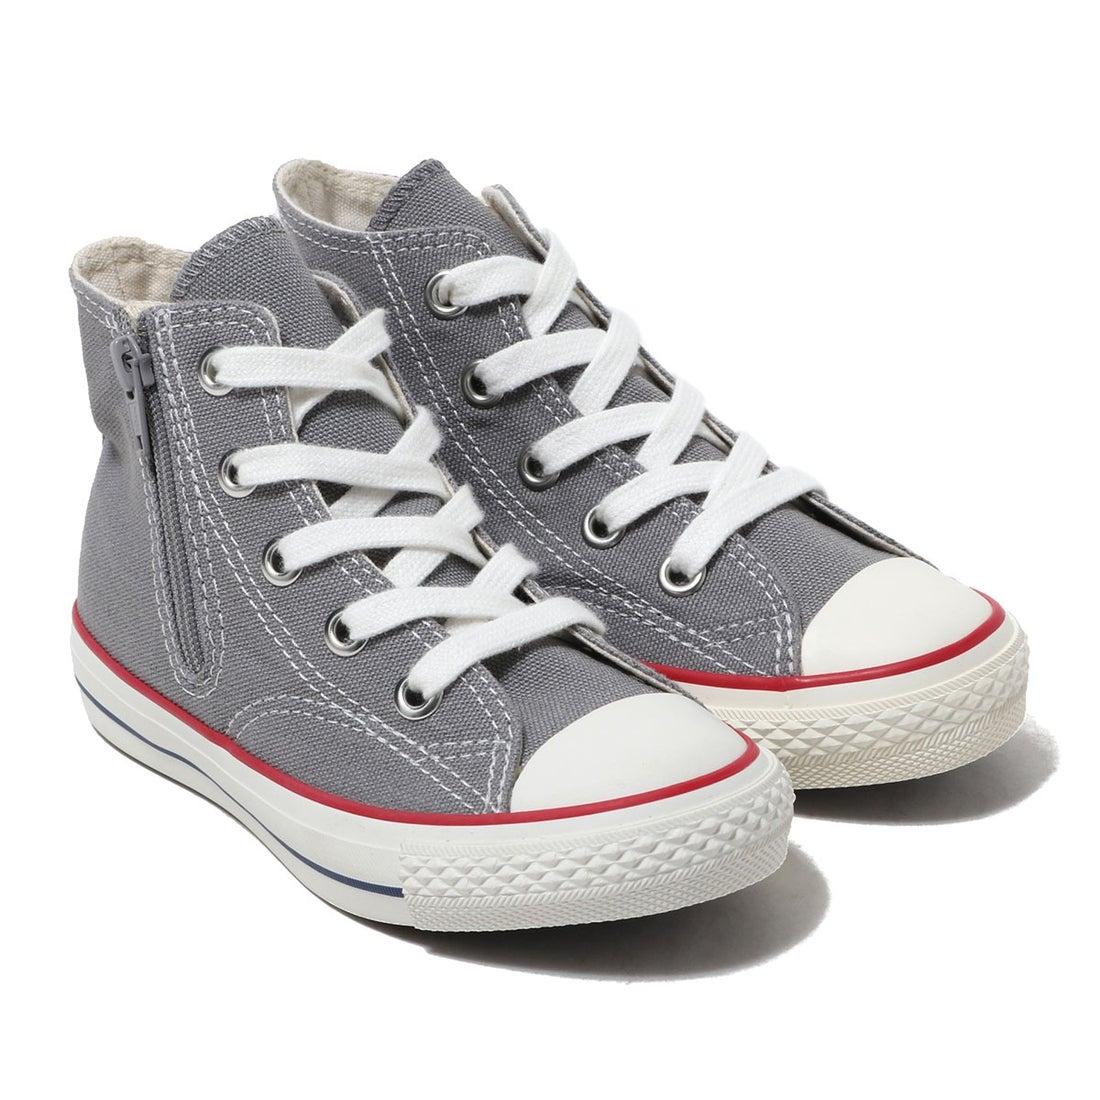 ロコンド 靴とファッションの通販サイトコンバース CONVERSE CONVERSE CHILD ALL STAR N 70 Z HI (GRAY)